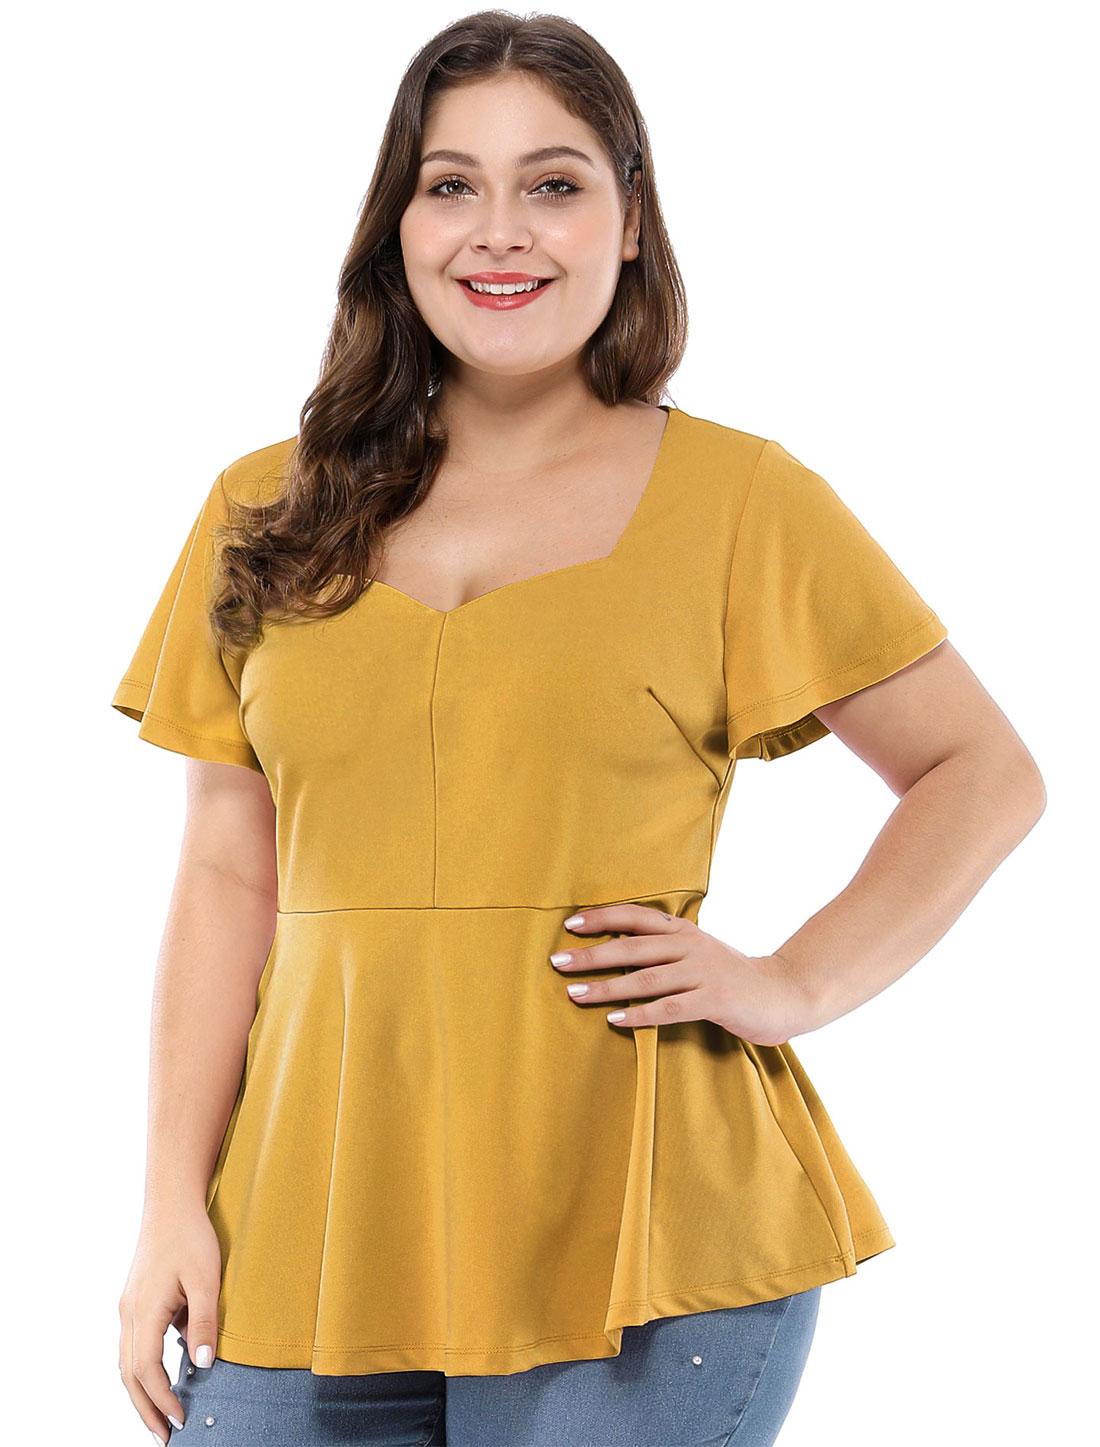 Women's Plus Size Ruffle Sleeves Sweetheart Peplum Top Yellow 1X